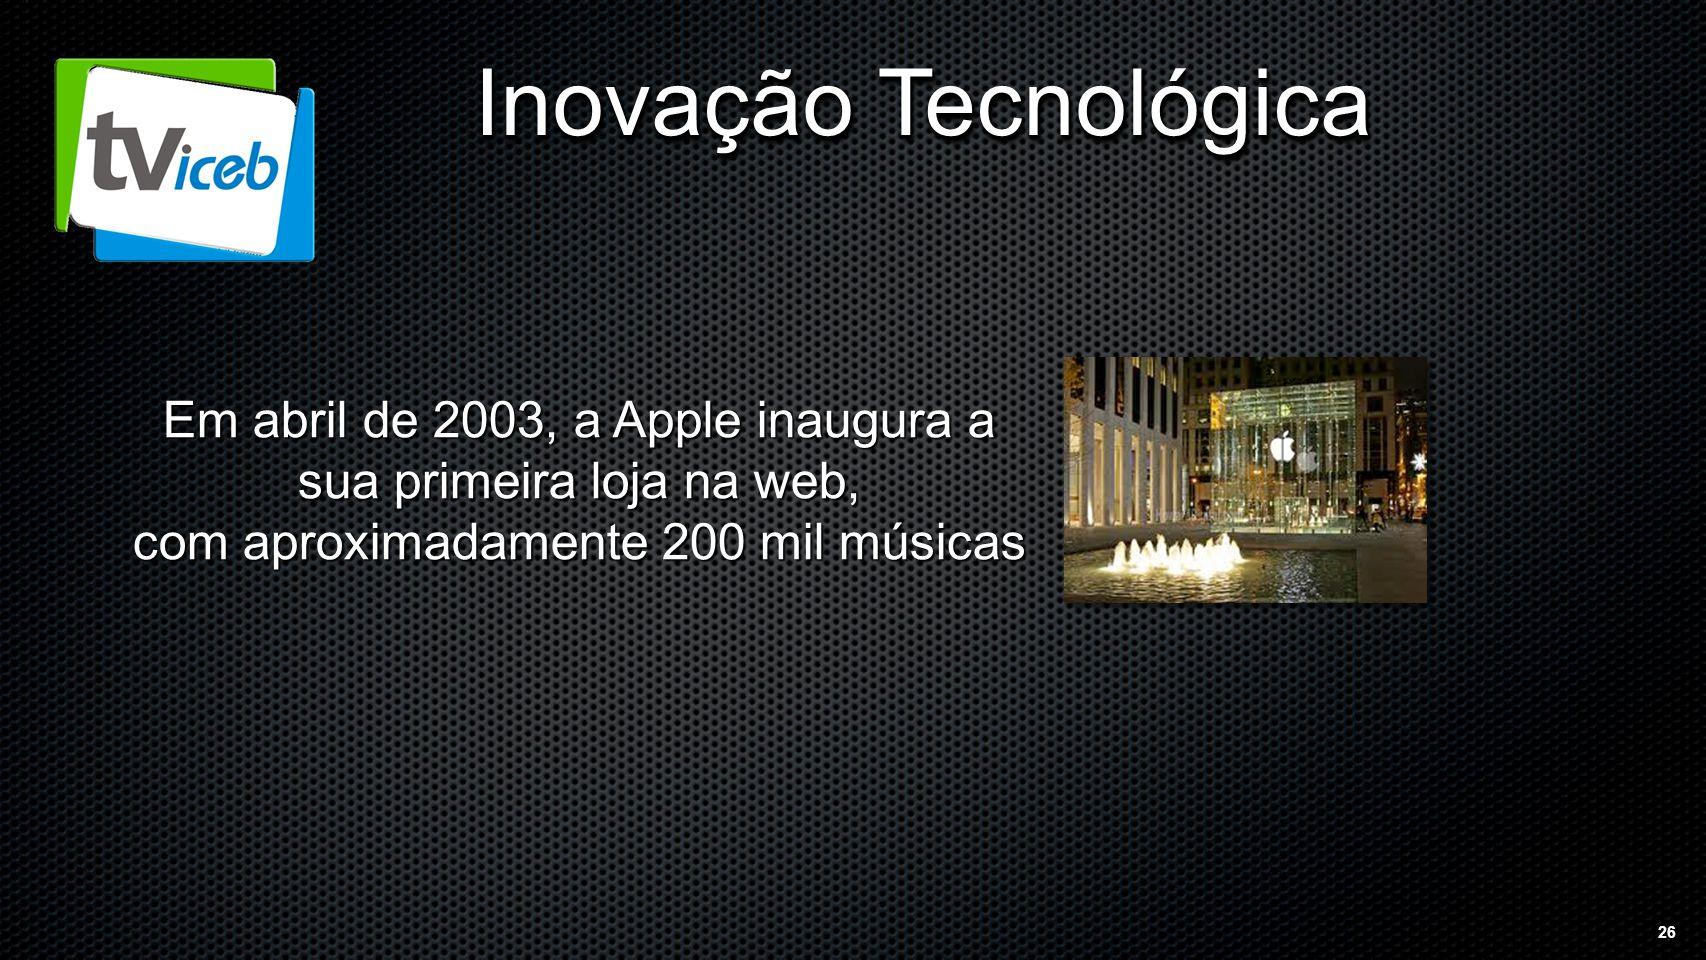 26 Inovação Tecnológica Em abril de 2003, a Apple inaugura a sua primeira loja na web, com aproximadamente 200 mil músicas